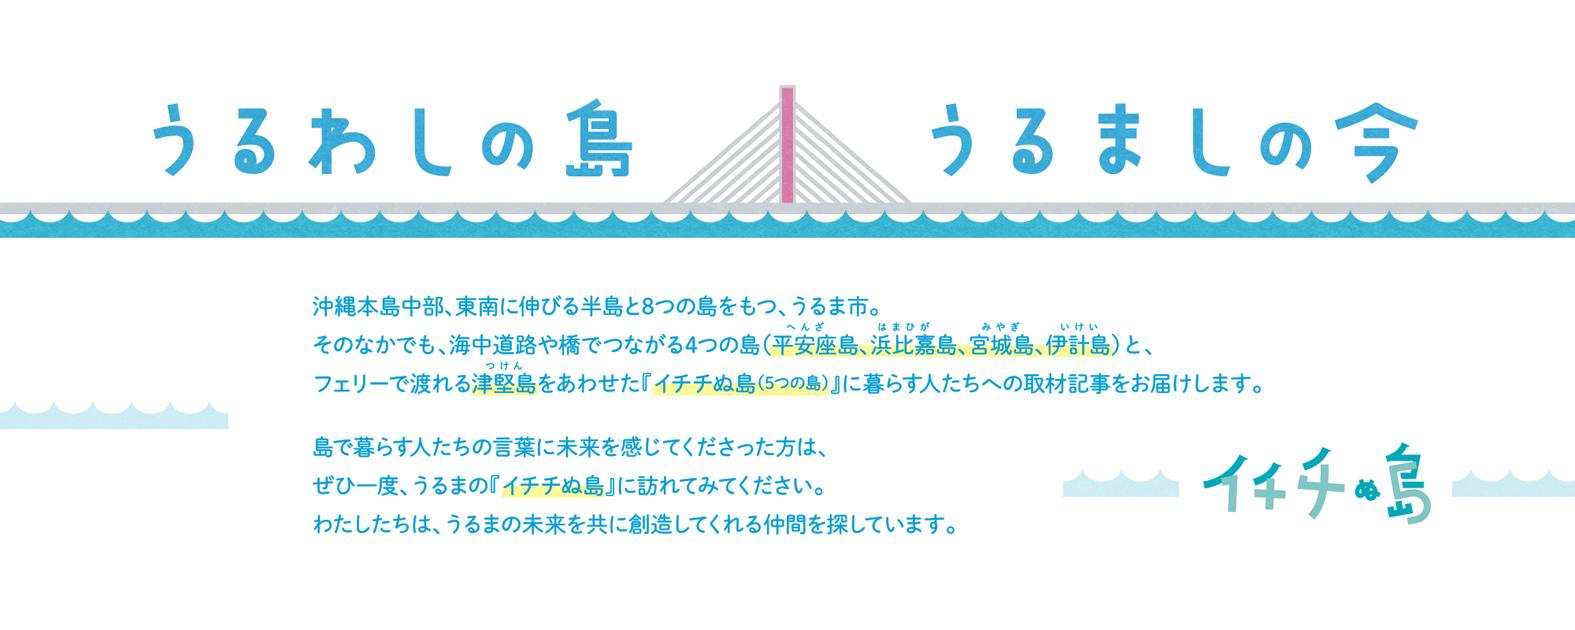 イチチ(5つ)ぬ(の)島_c0191542_10454355.jpg